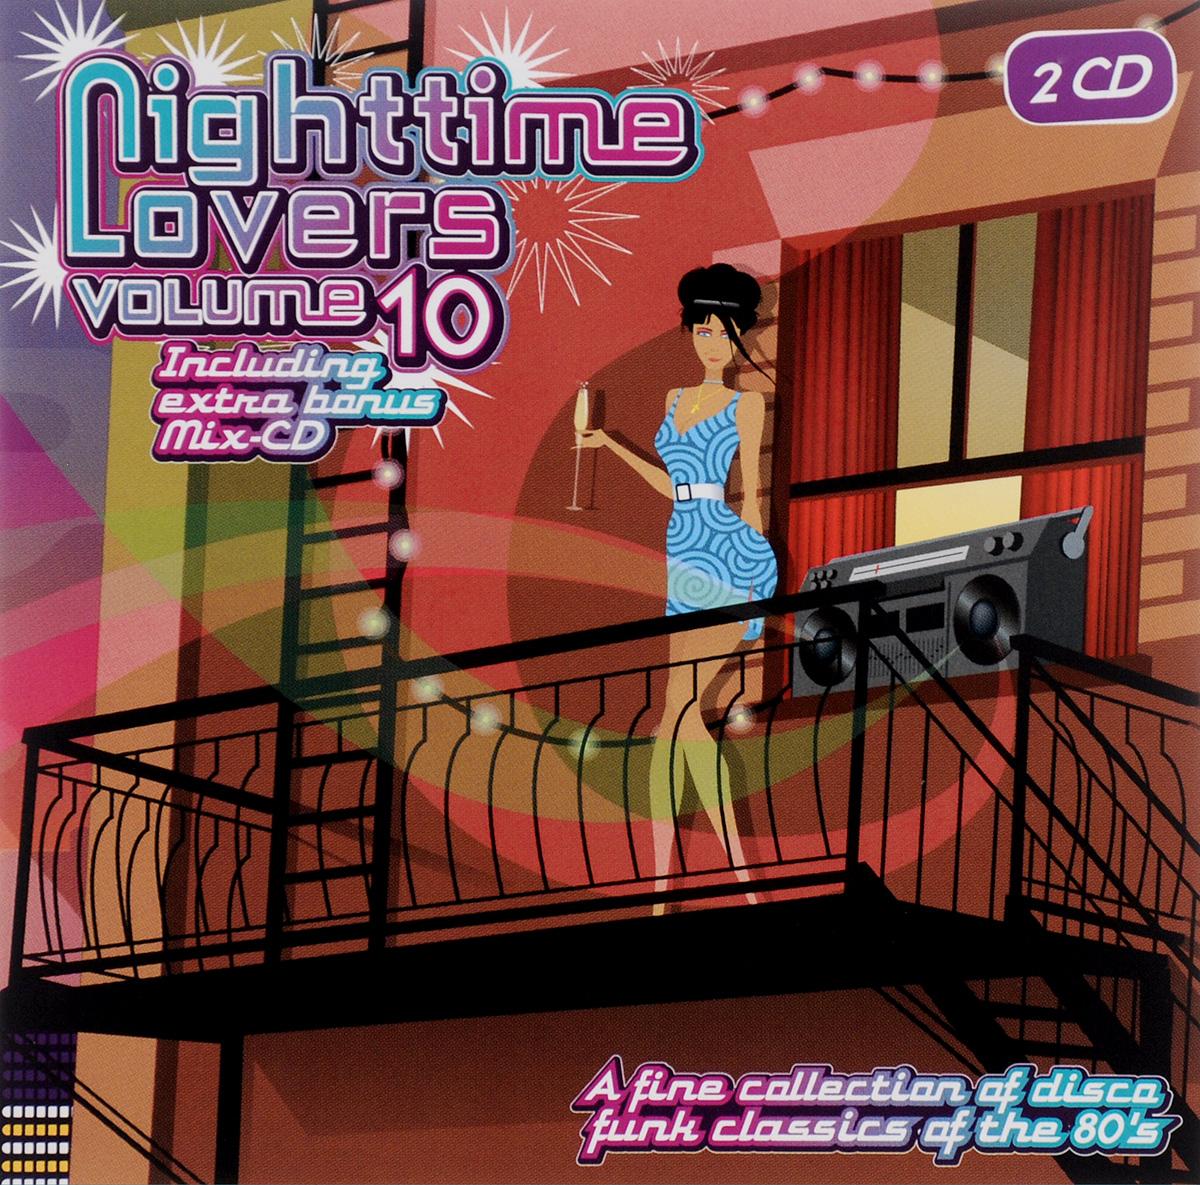 Издание содержит 8-ми страничный буклет с цветными иллюстрациями и дополнительной информацией на английском языке.